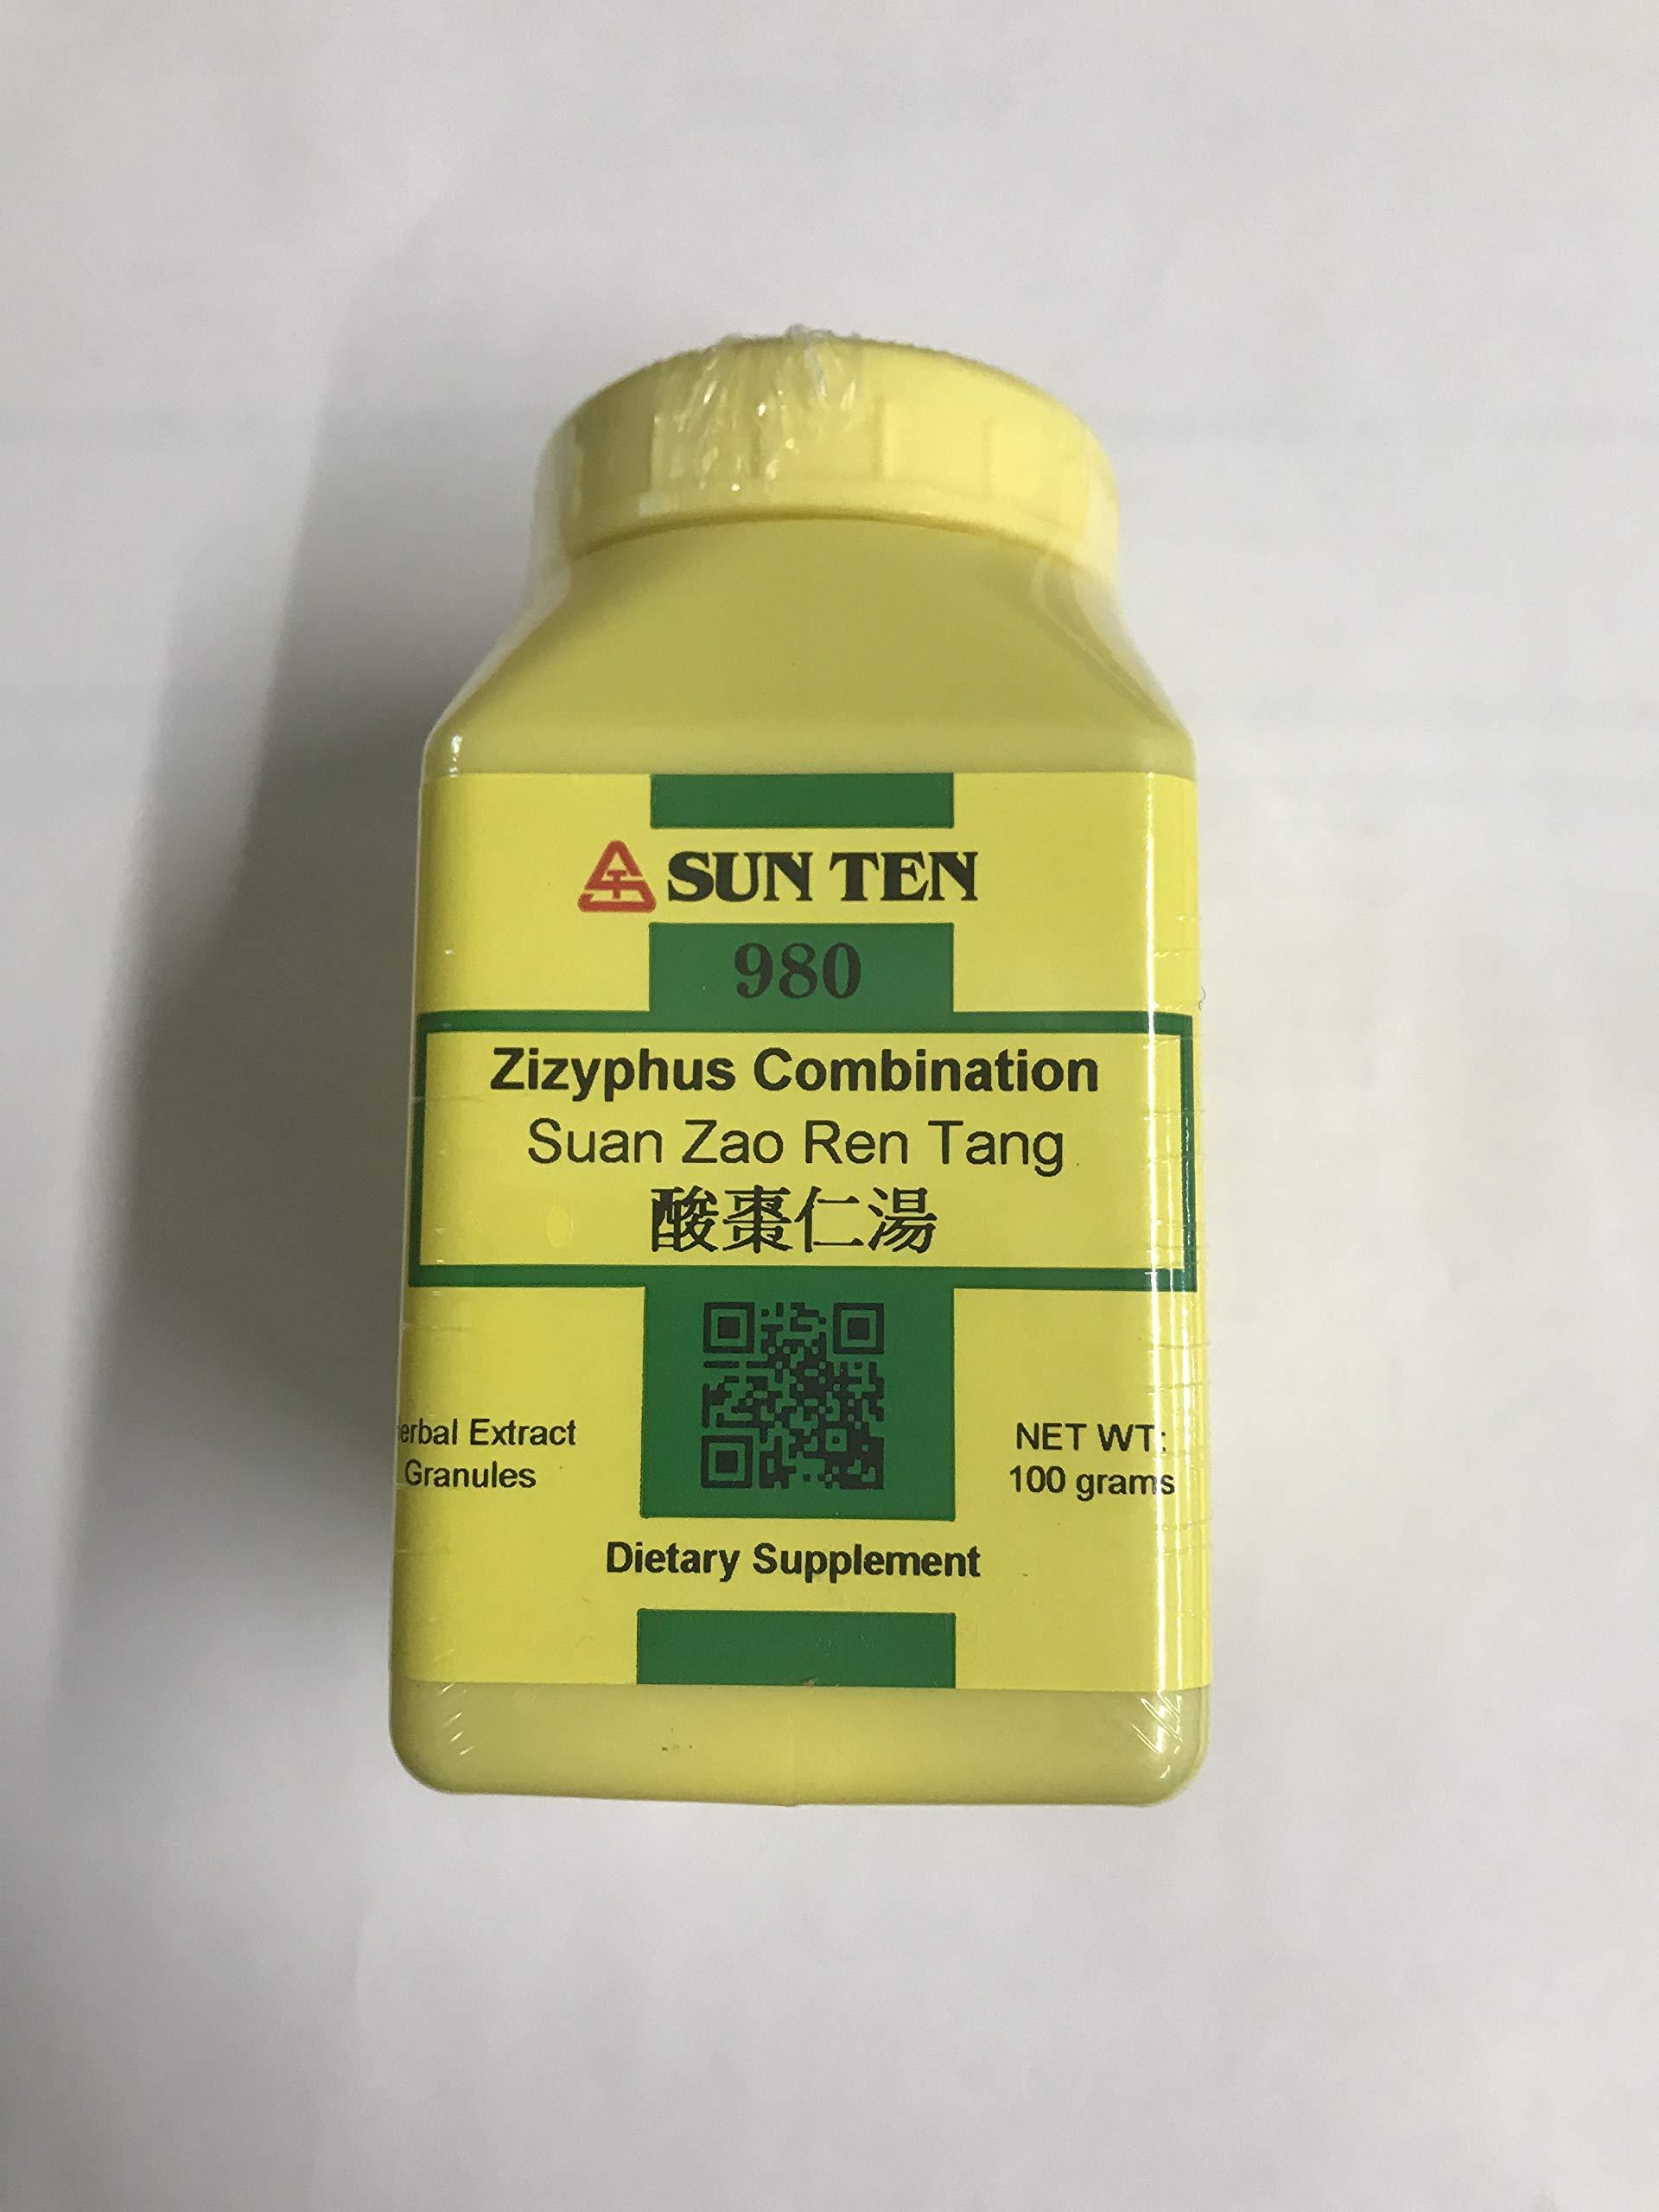 Zizyphus Combination - Suan Zao Ren Tang - 酸棗仁湯 - 100 Grams